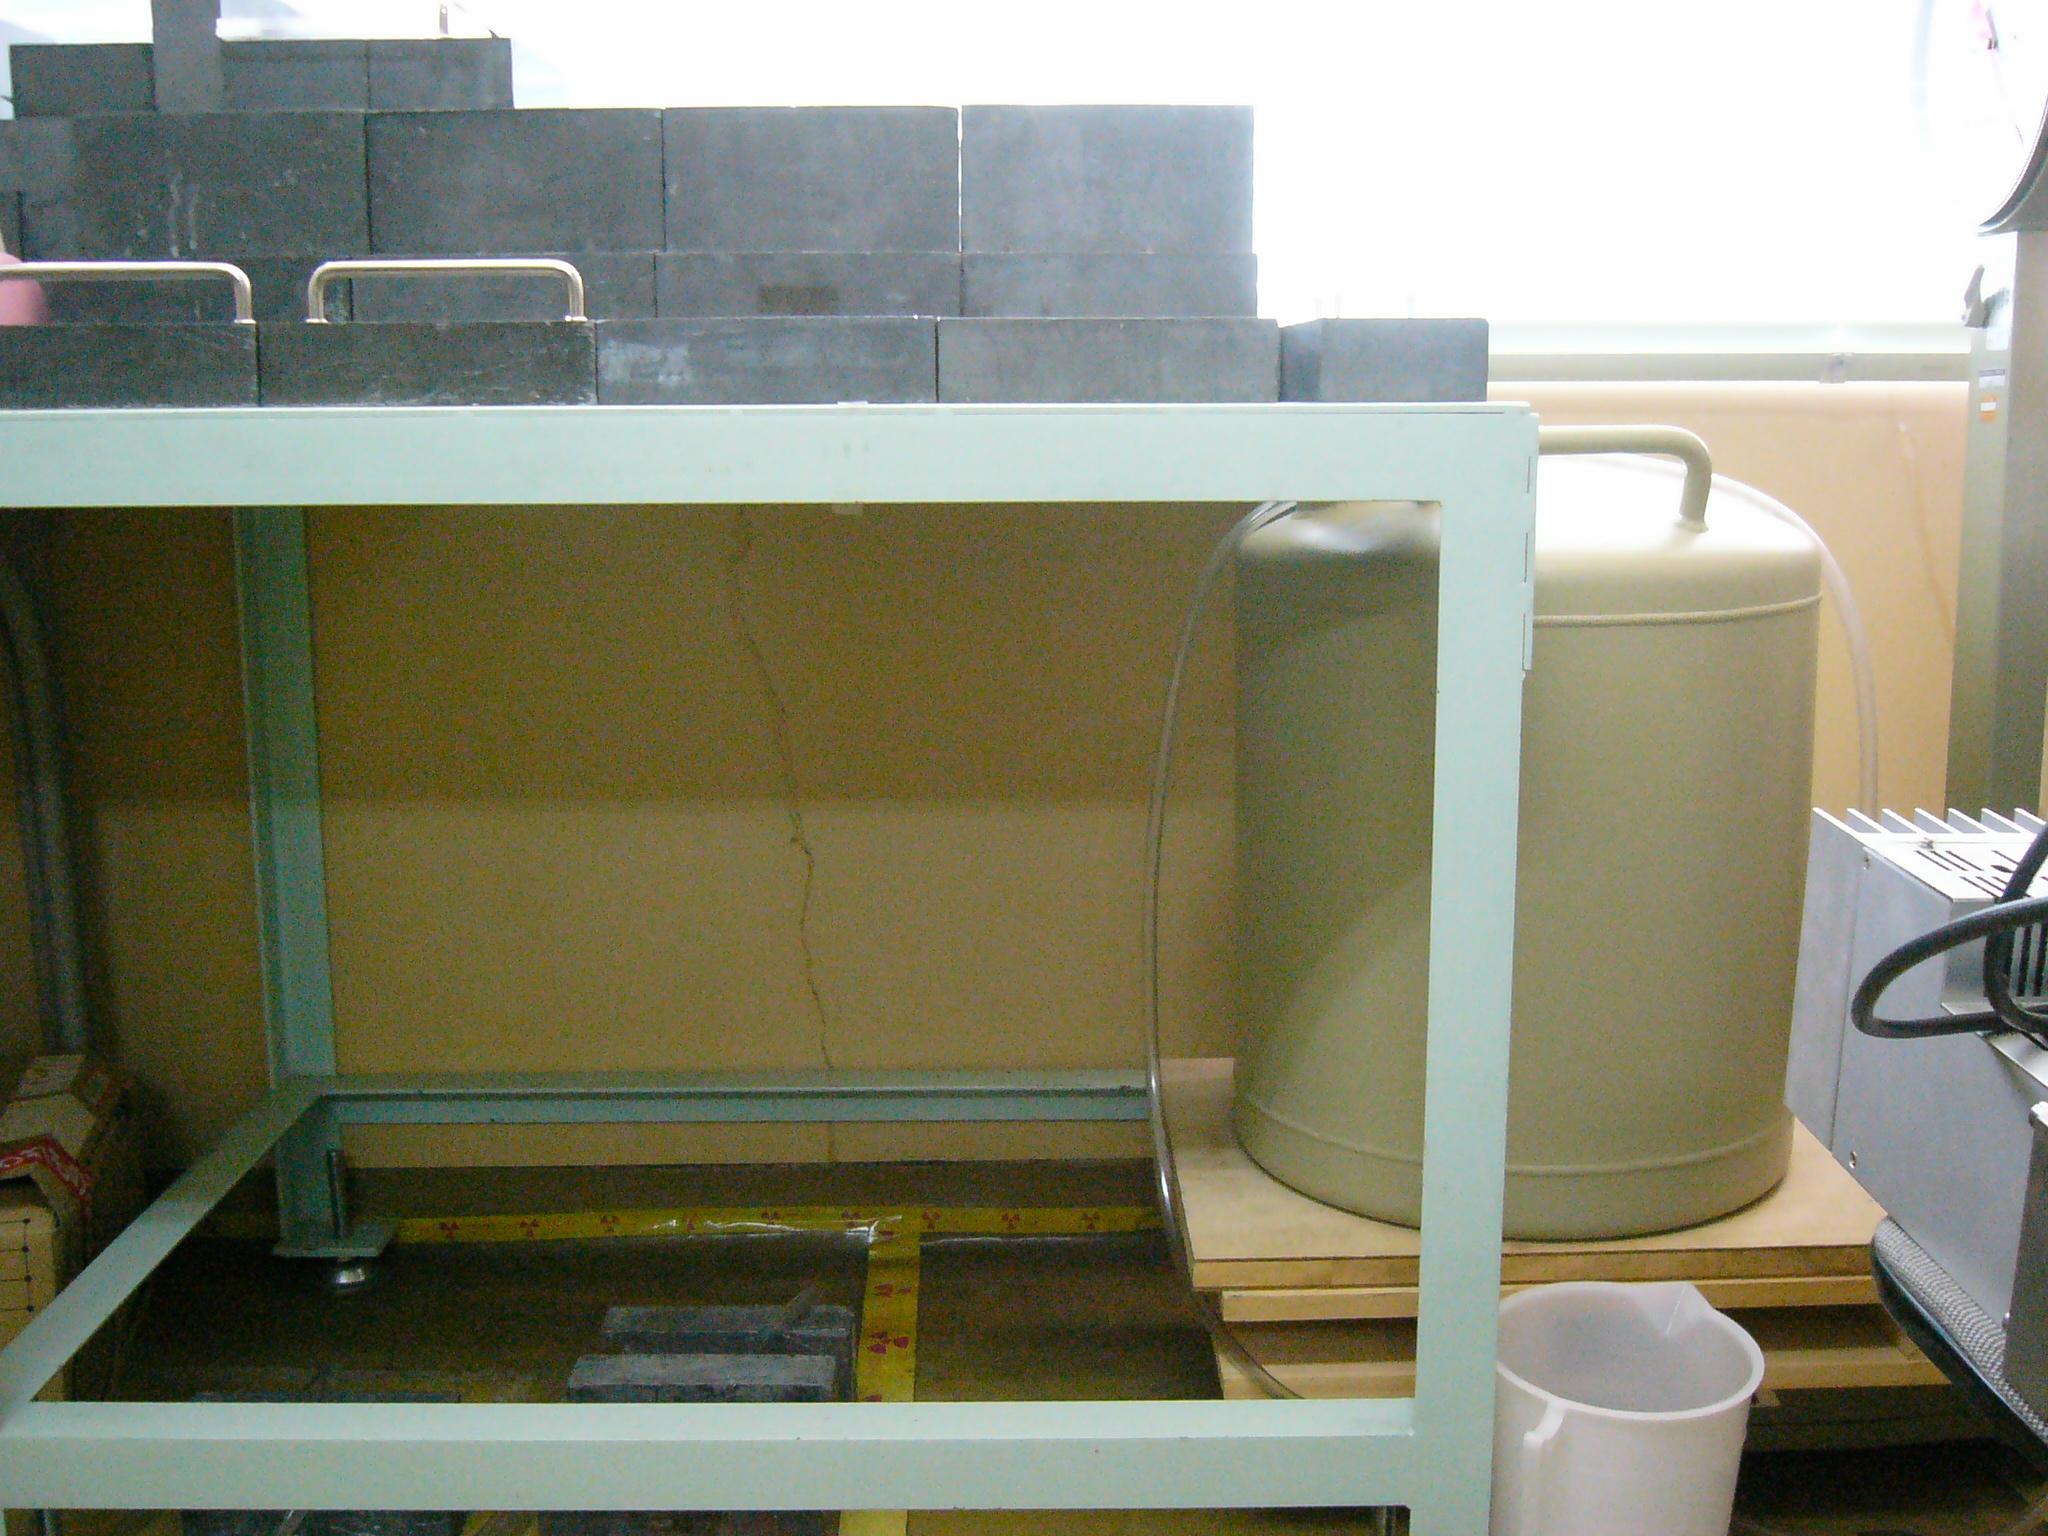 [324] N-タイプ同軸型ゲルマニウム半導体検出器(CYRIC共同利用 RI共同利用【施設利用】) 〔リンク〕 画像